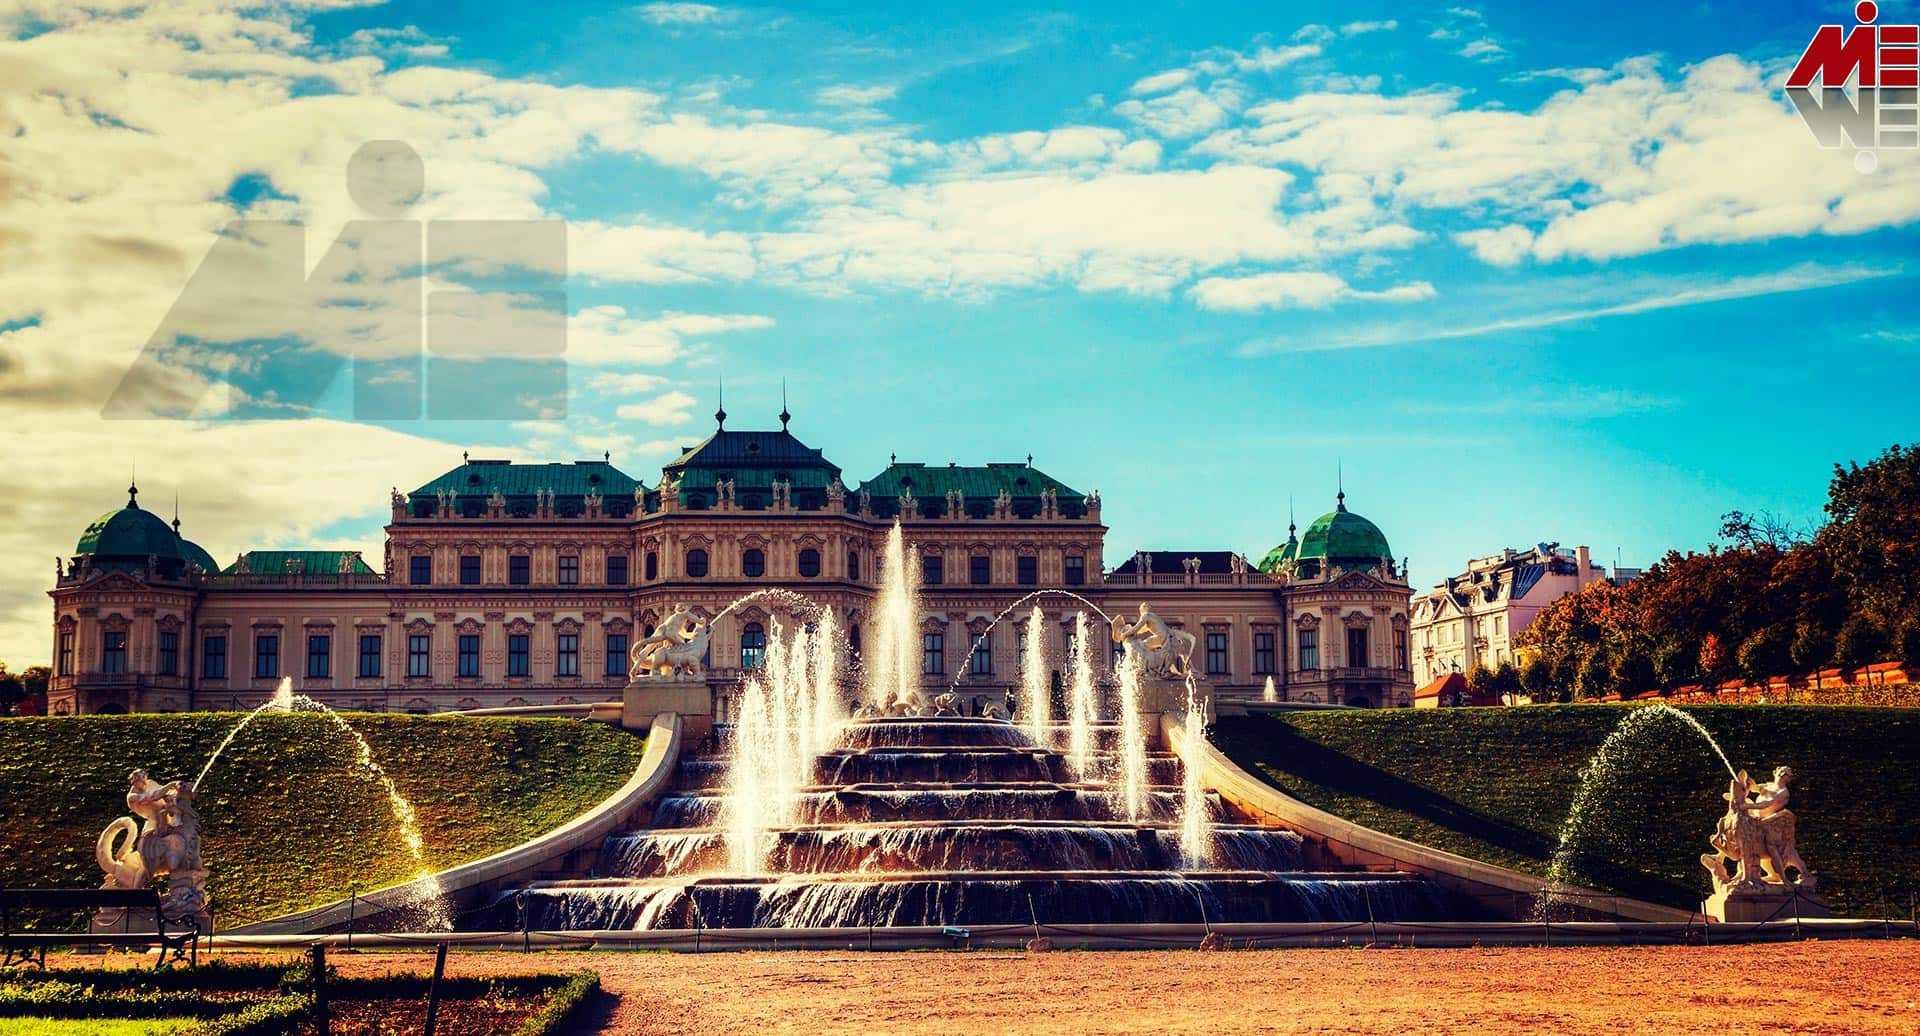 ویزای جستجوی کار آلمان و اتریش1 ویزای جستجوی کار آلمان و اتریش